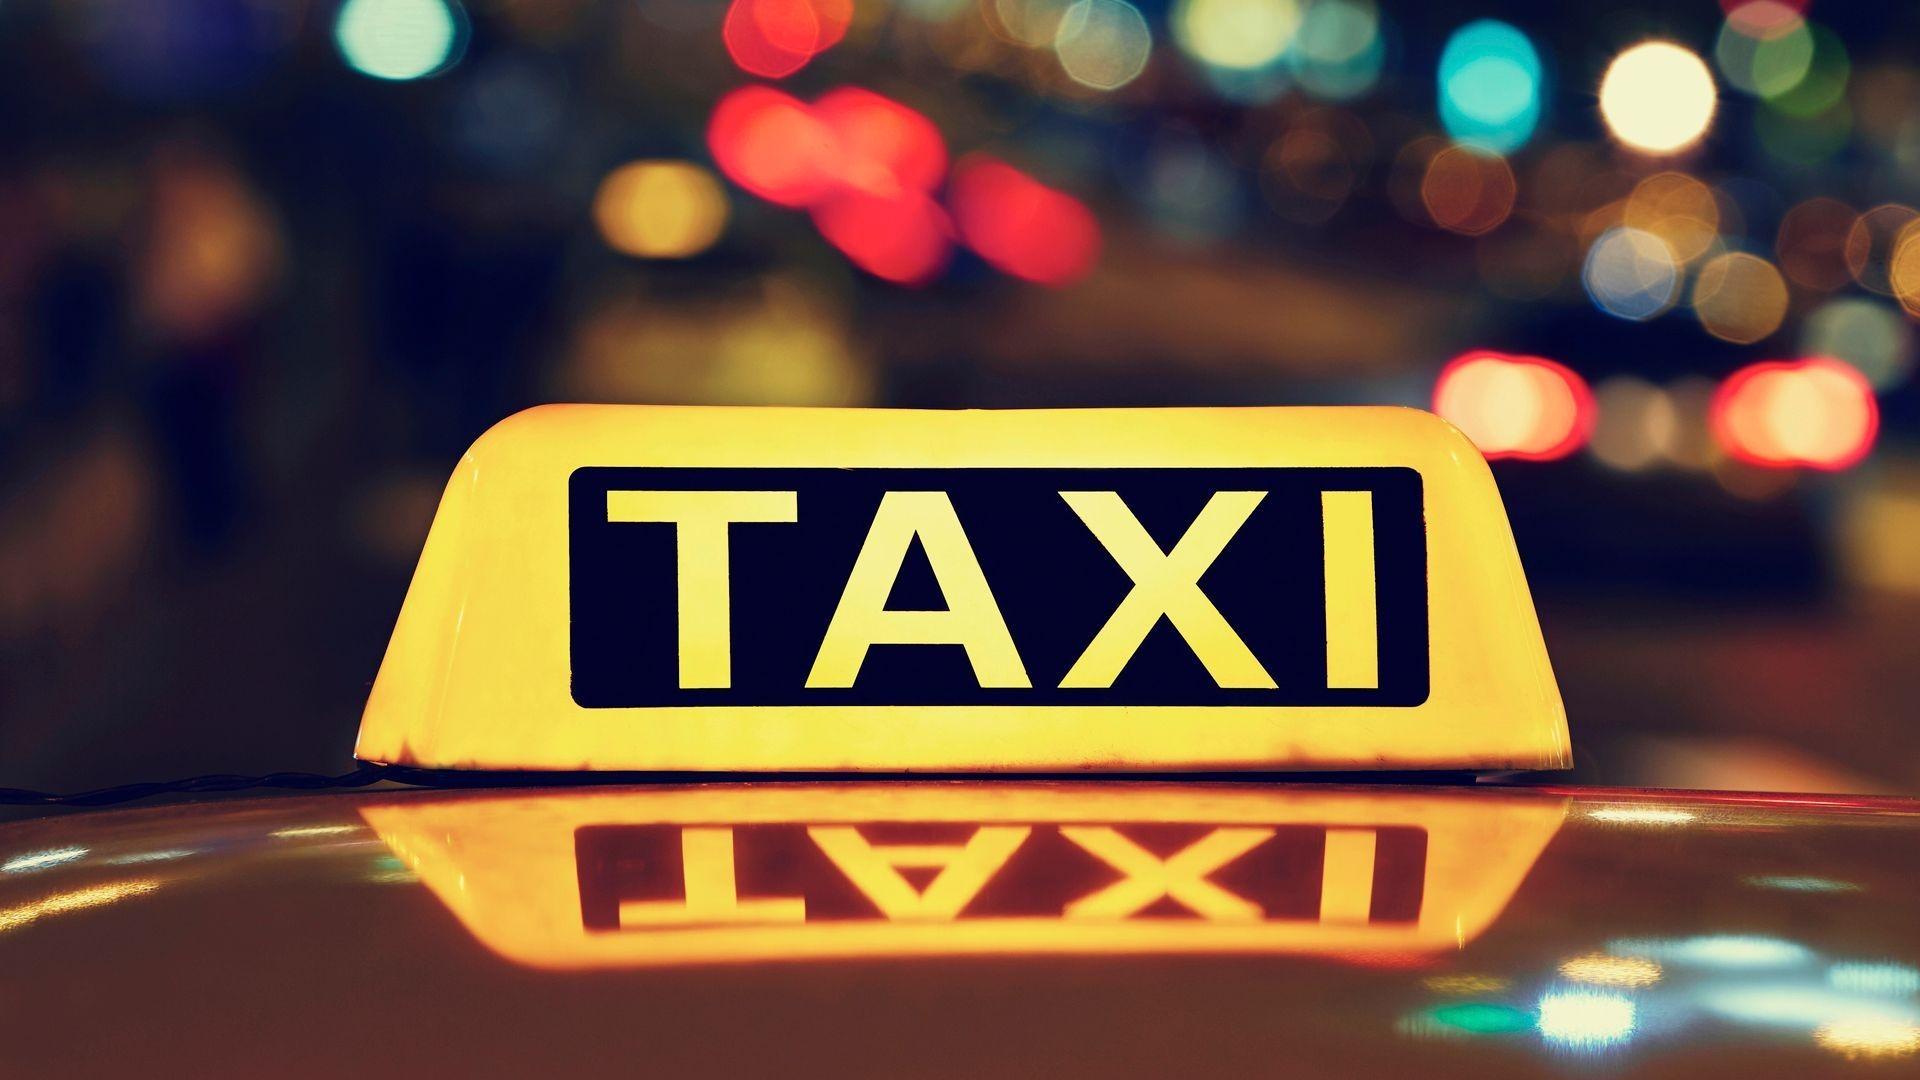 Taxi 24 horas en Alcalá de Guadaira